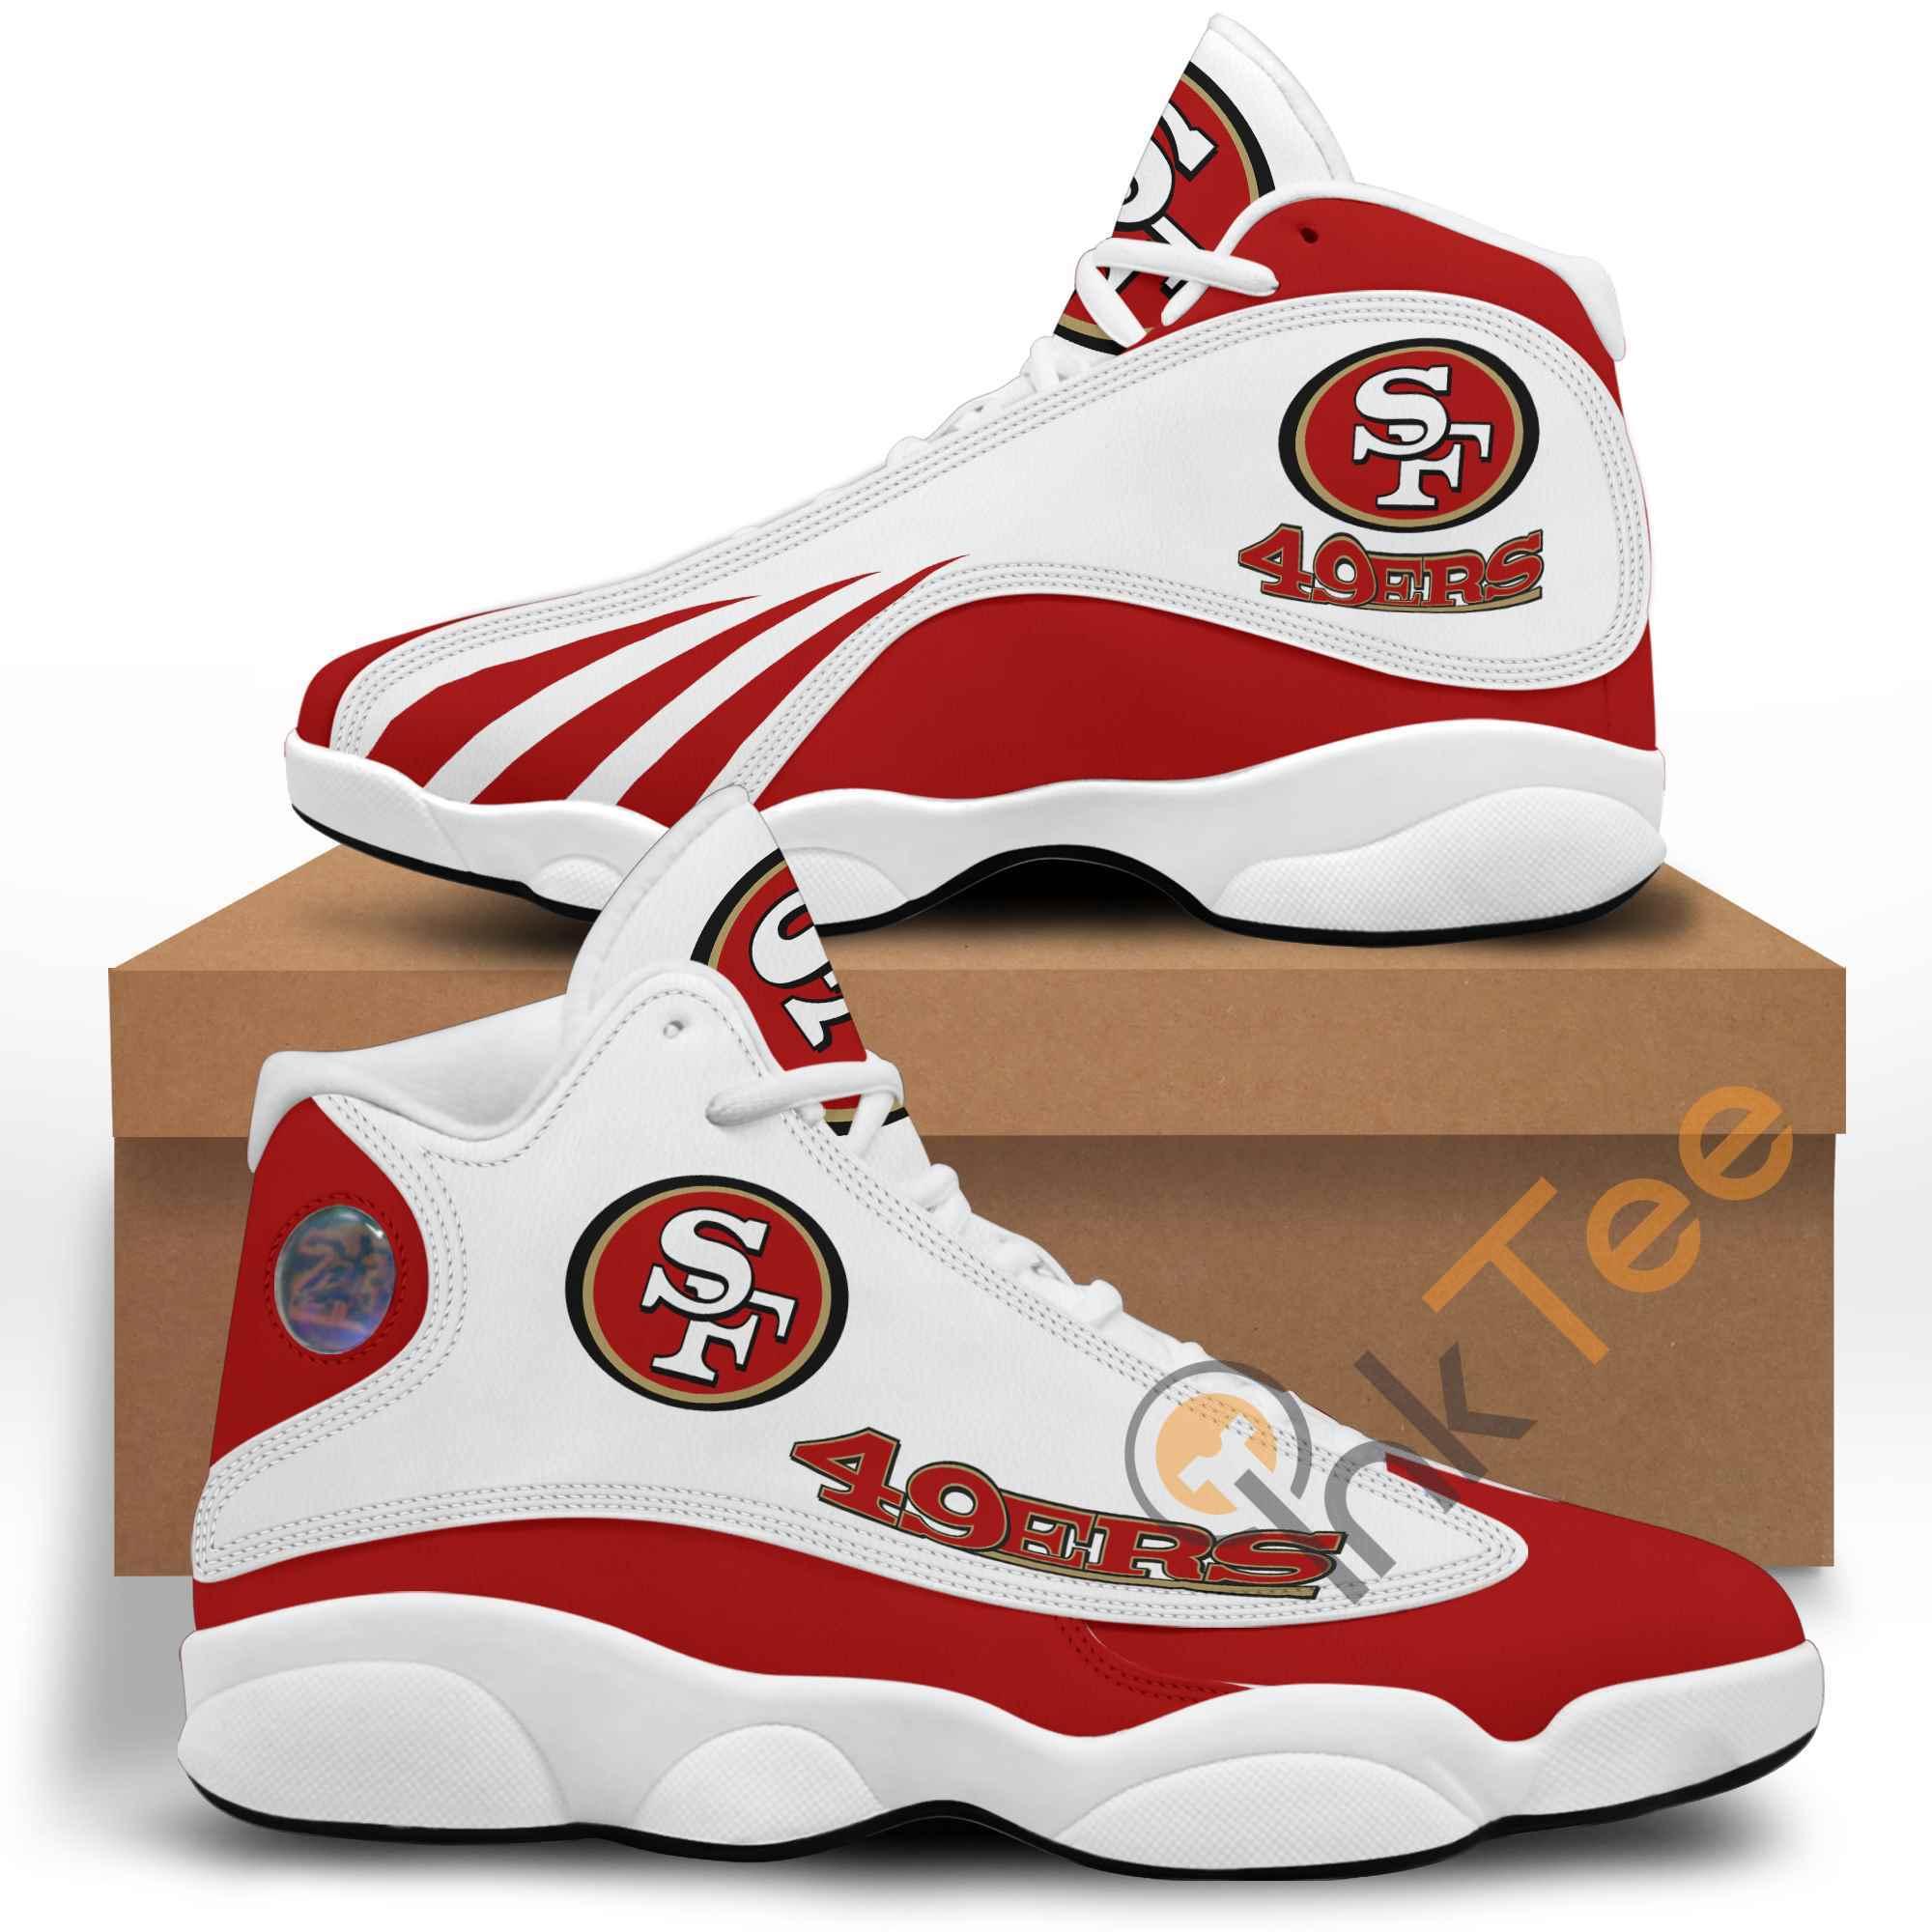 Nfl San Francisco 49ers Red Air Jordan